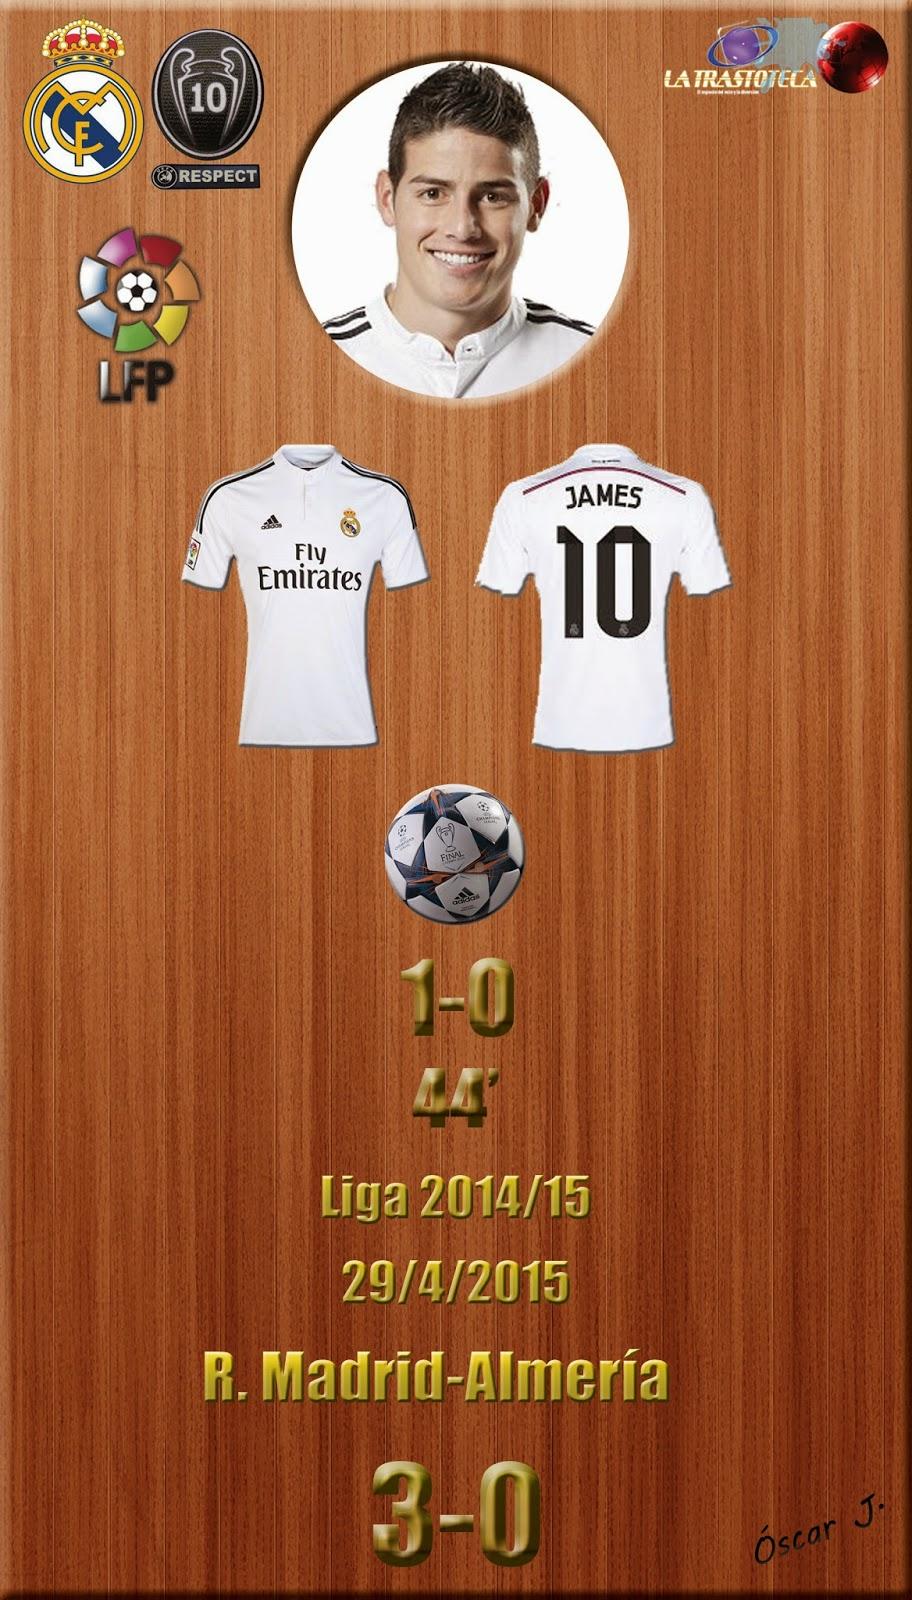 Real Madrid 3-0 Almería - Liga 2014/15 - Jornada 34 - (29/4/2015)